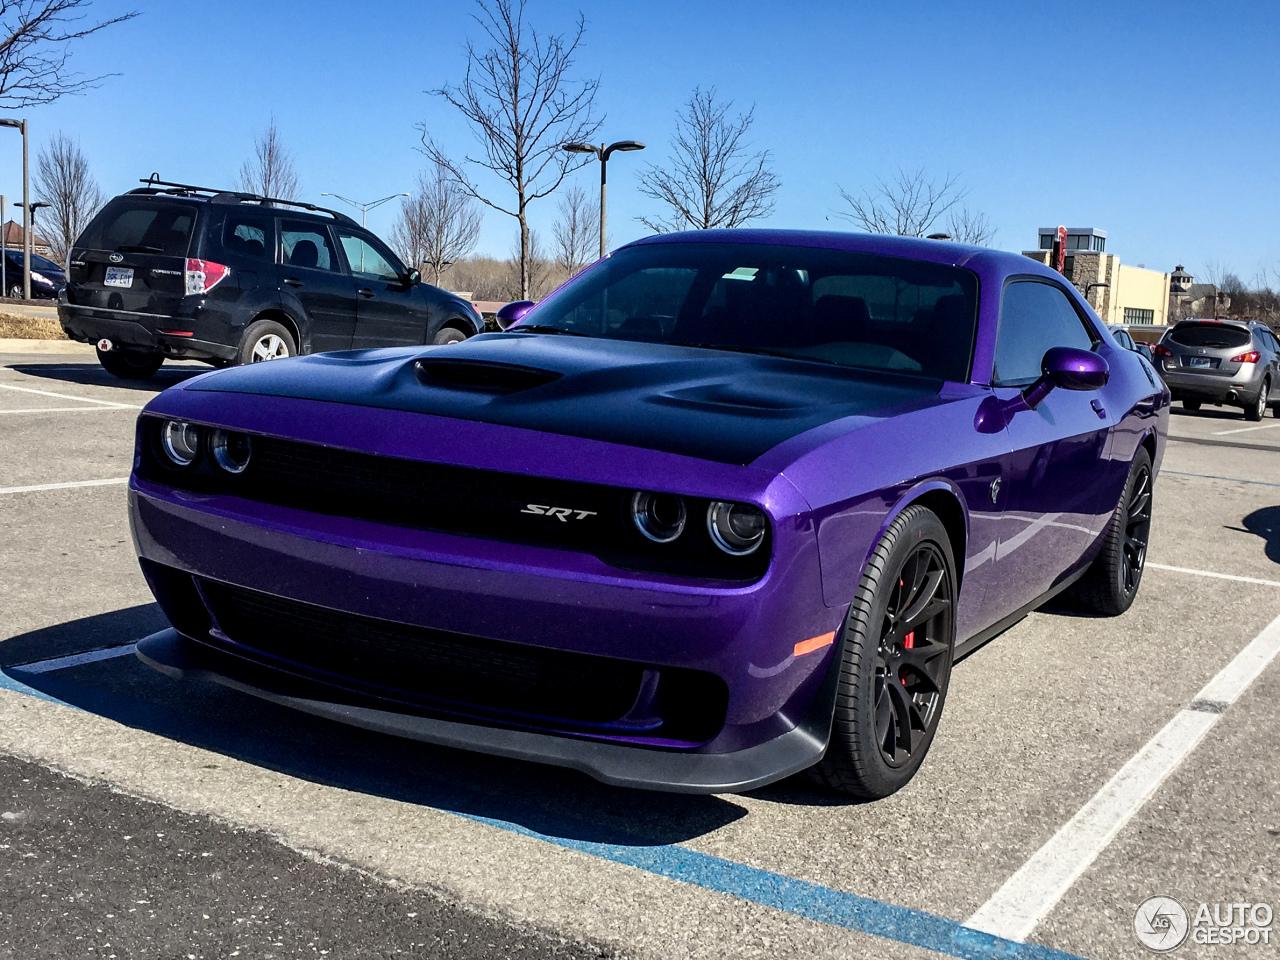 Dodge Challenger Srt 8 Hellcat 4 March 2016 Autogespot